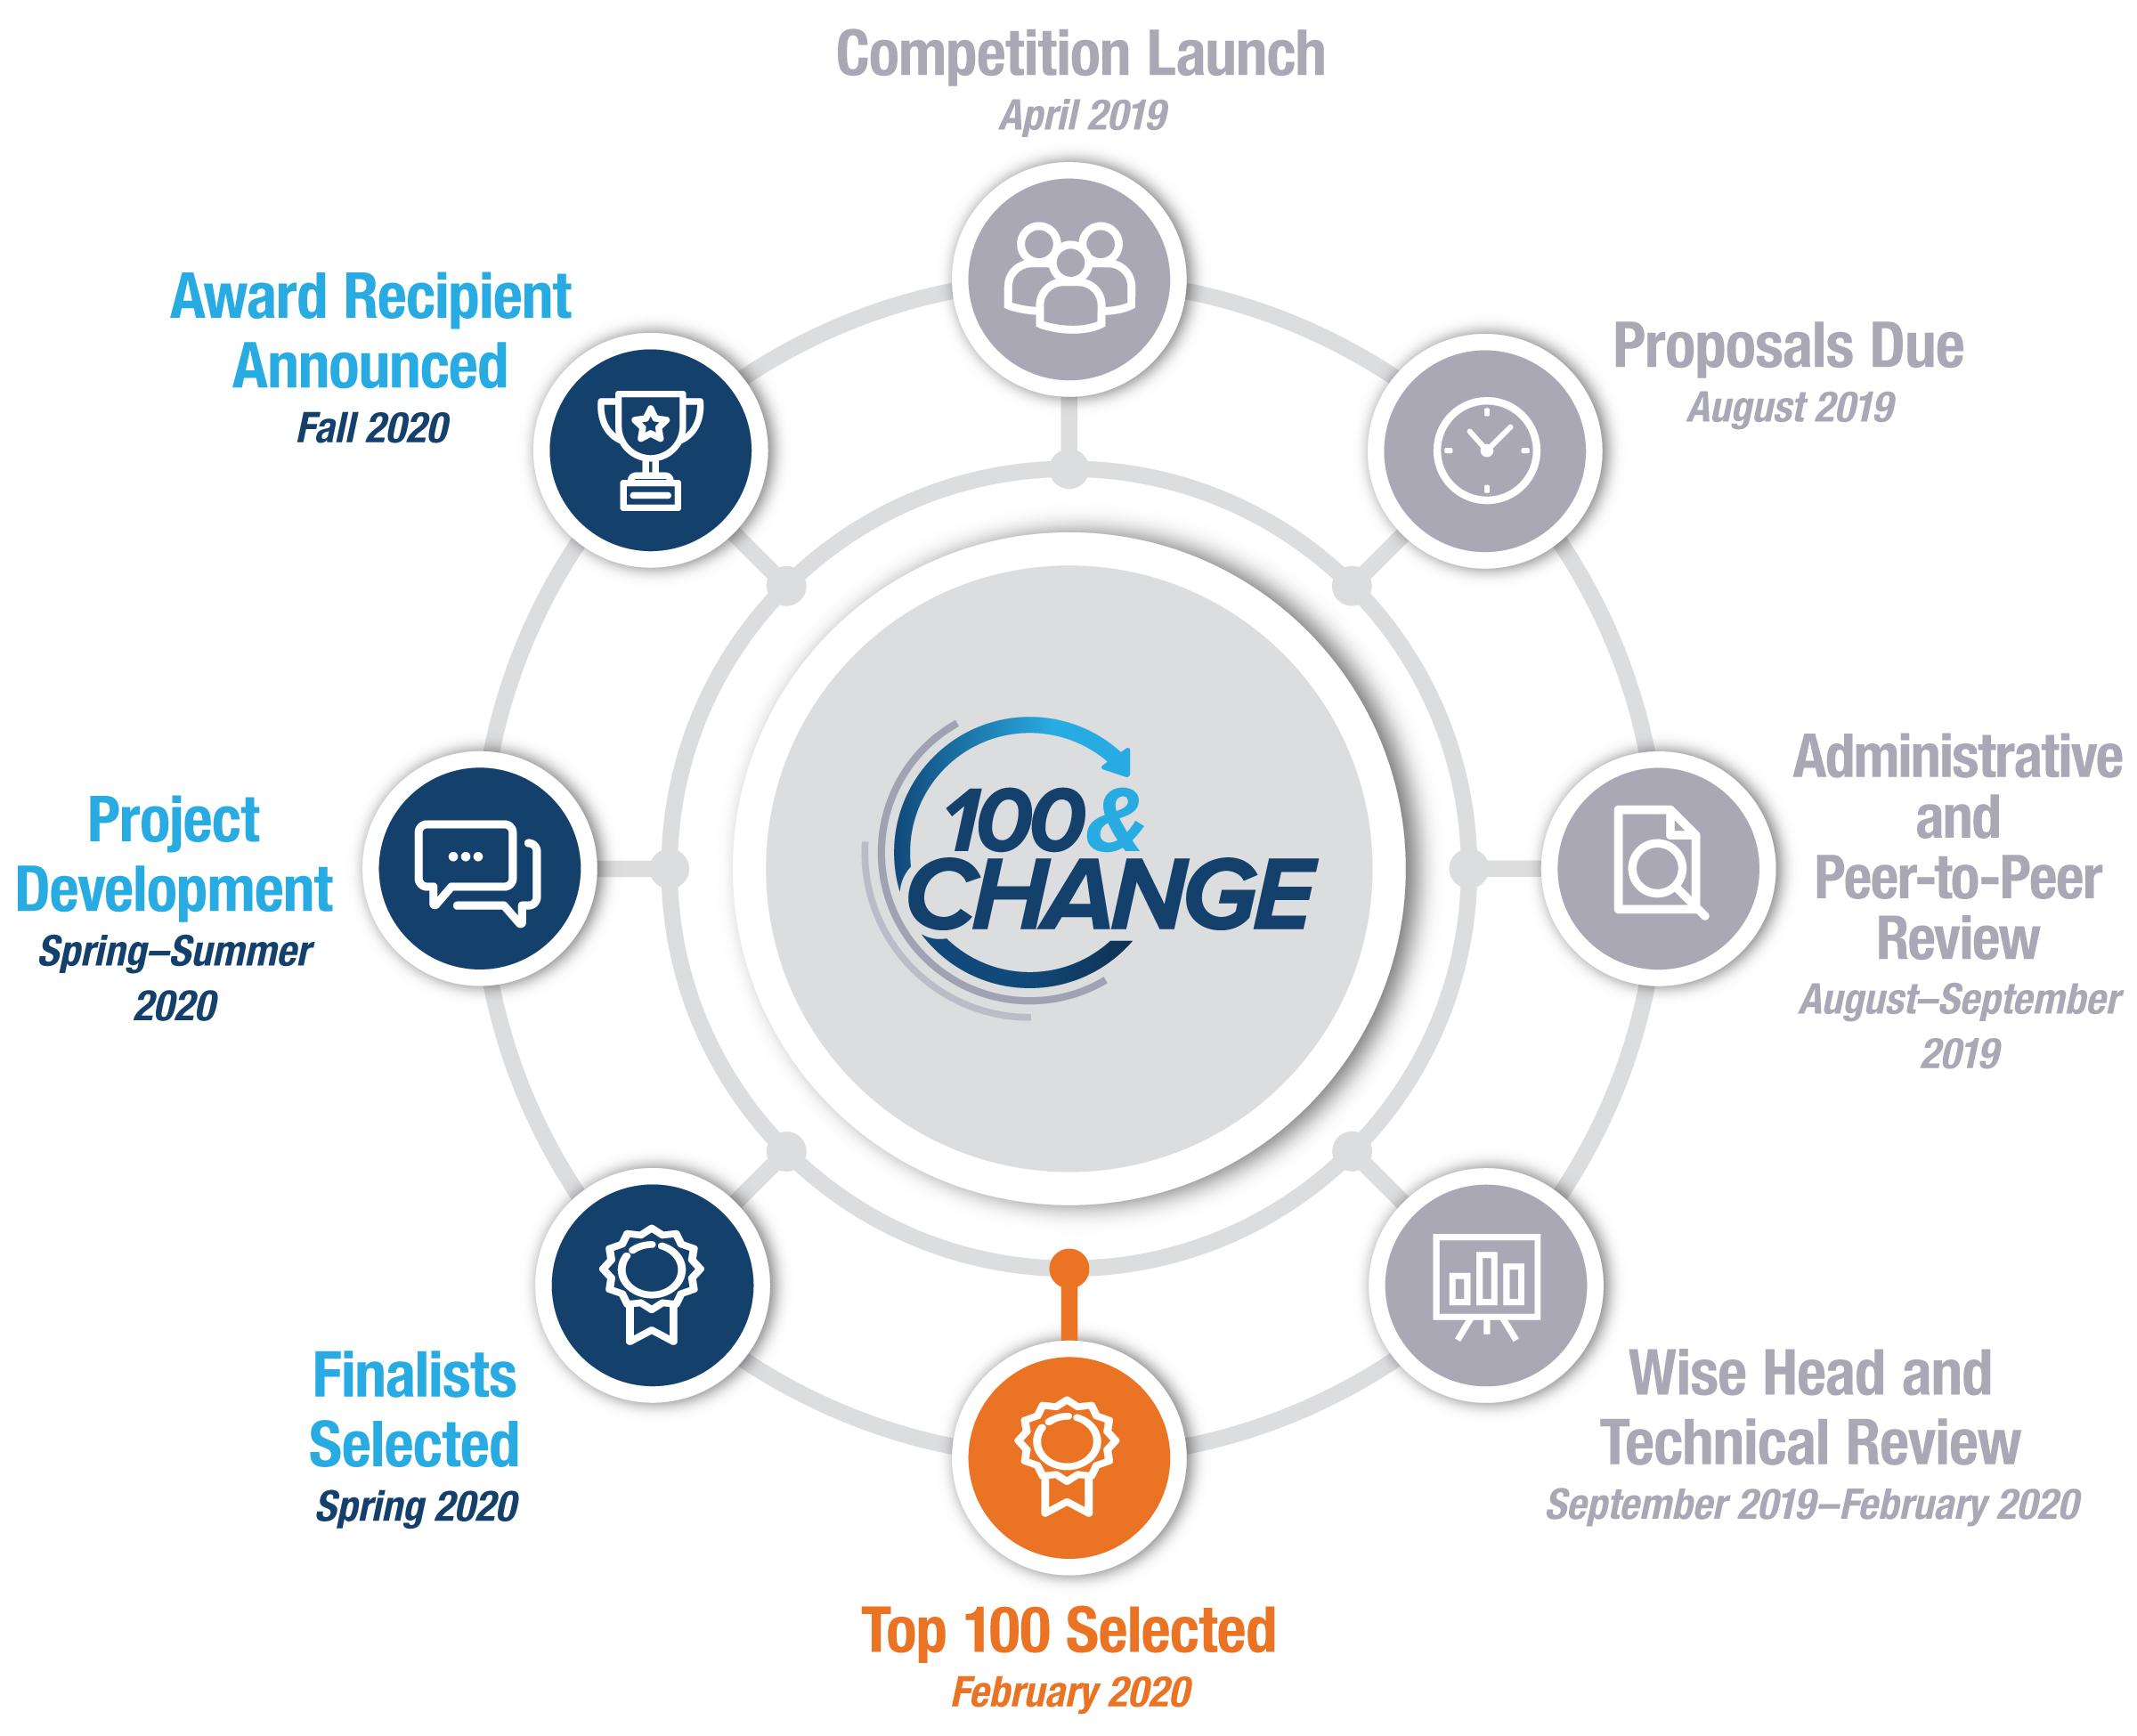 100&ChangeCompetitionTimline(FullTextProvidedBelowImage)